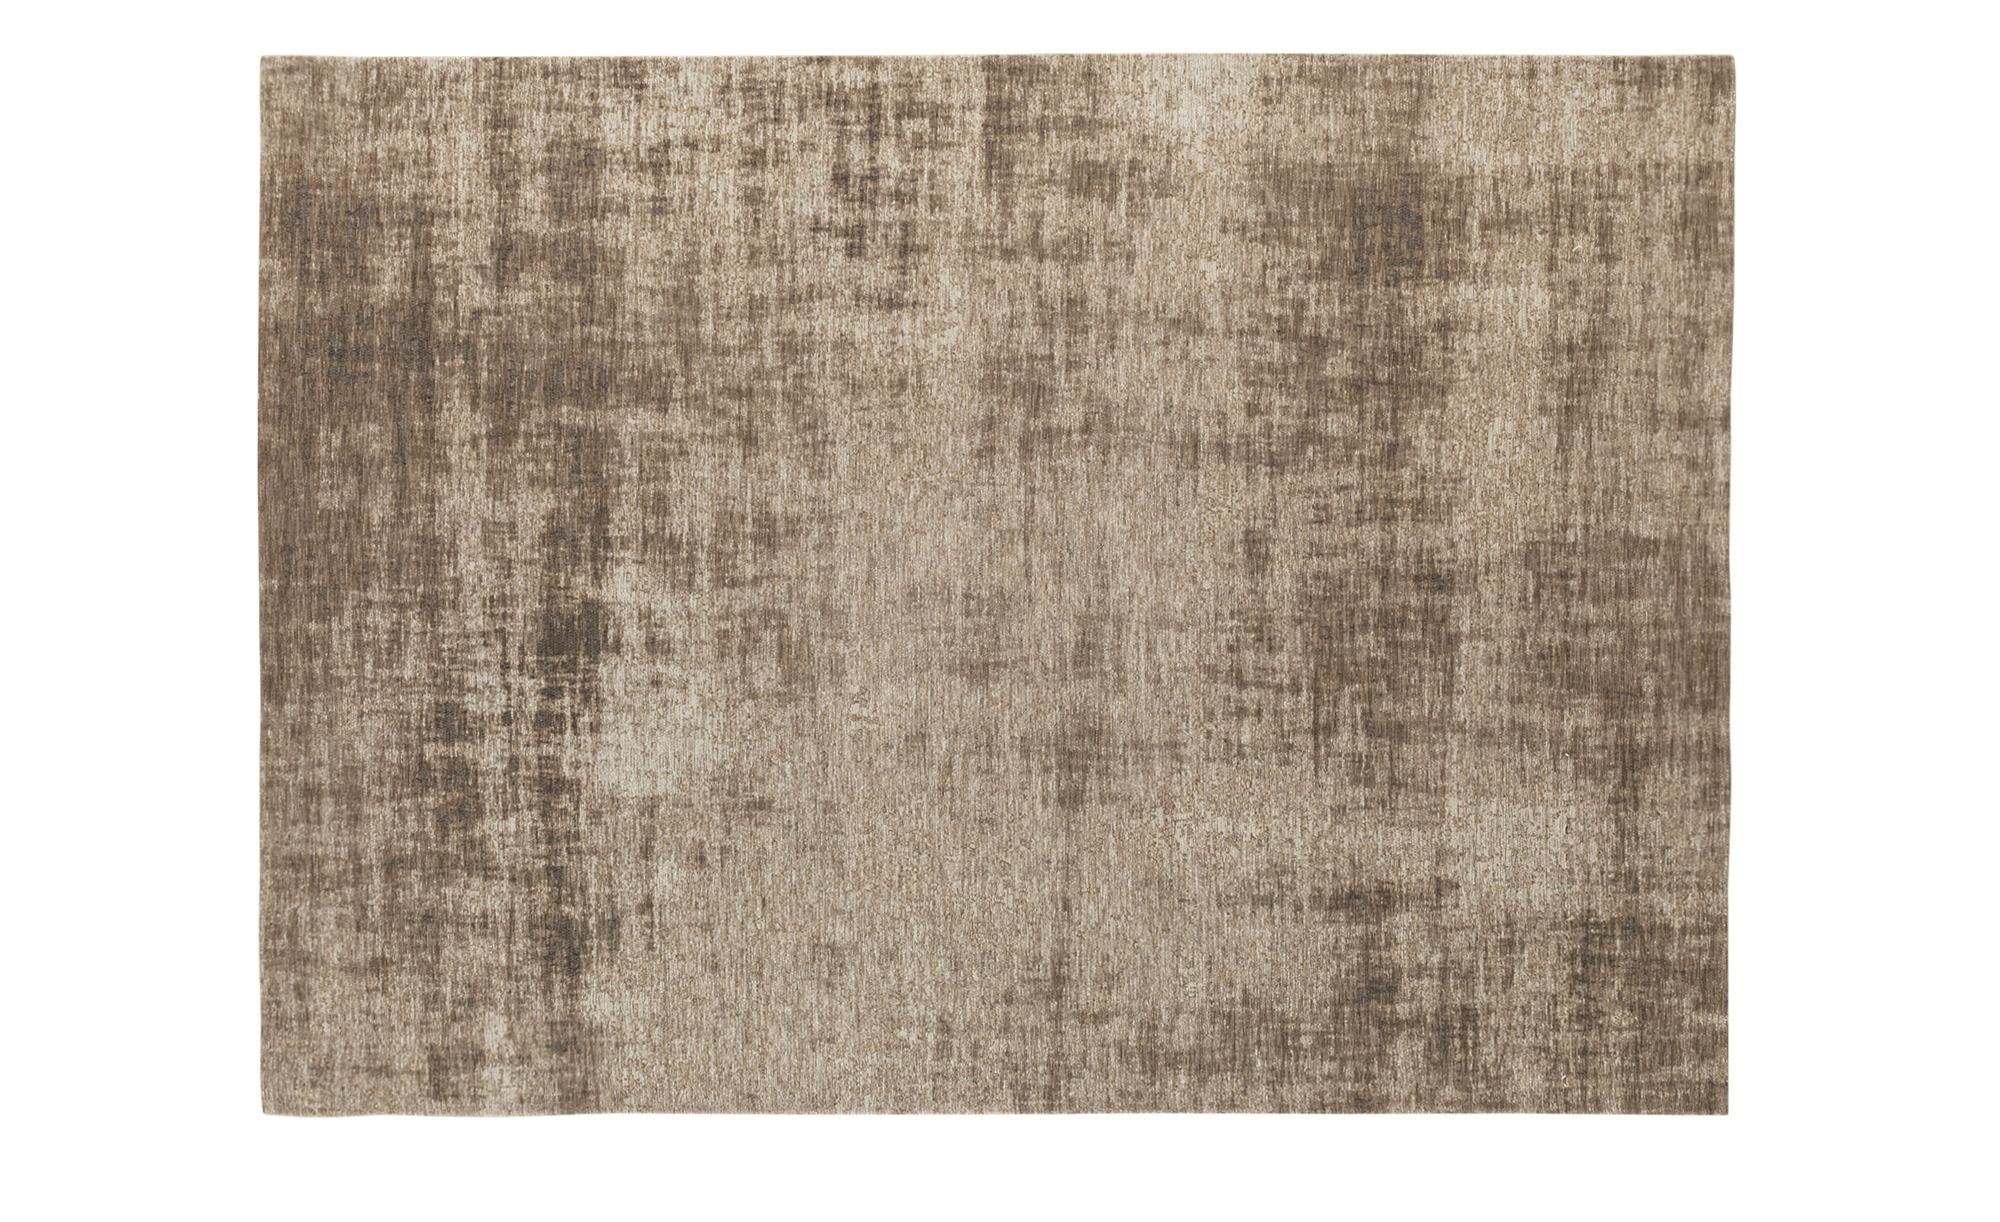 Webteppich  Harmonie ¦ beige ¦ 34% Chenille Acryl, 33% Baumwolle, 33% Polyester ¦ Maße (cm): B: 130 Teppiche > Wohnteppiche - Höffner